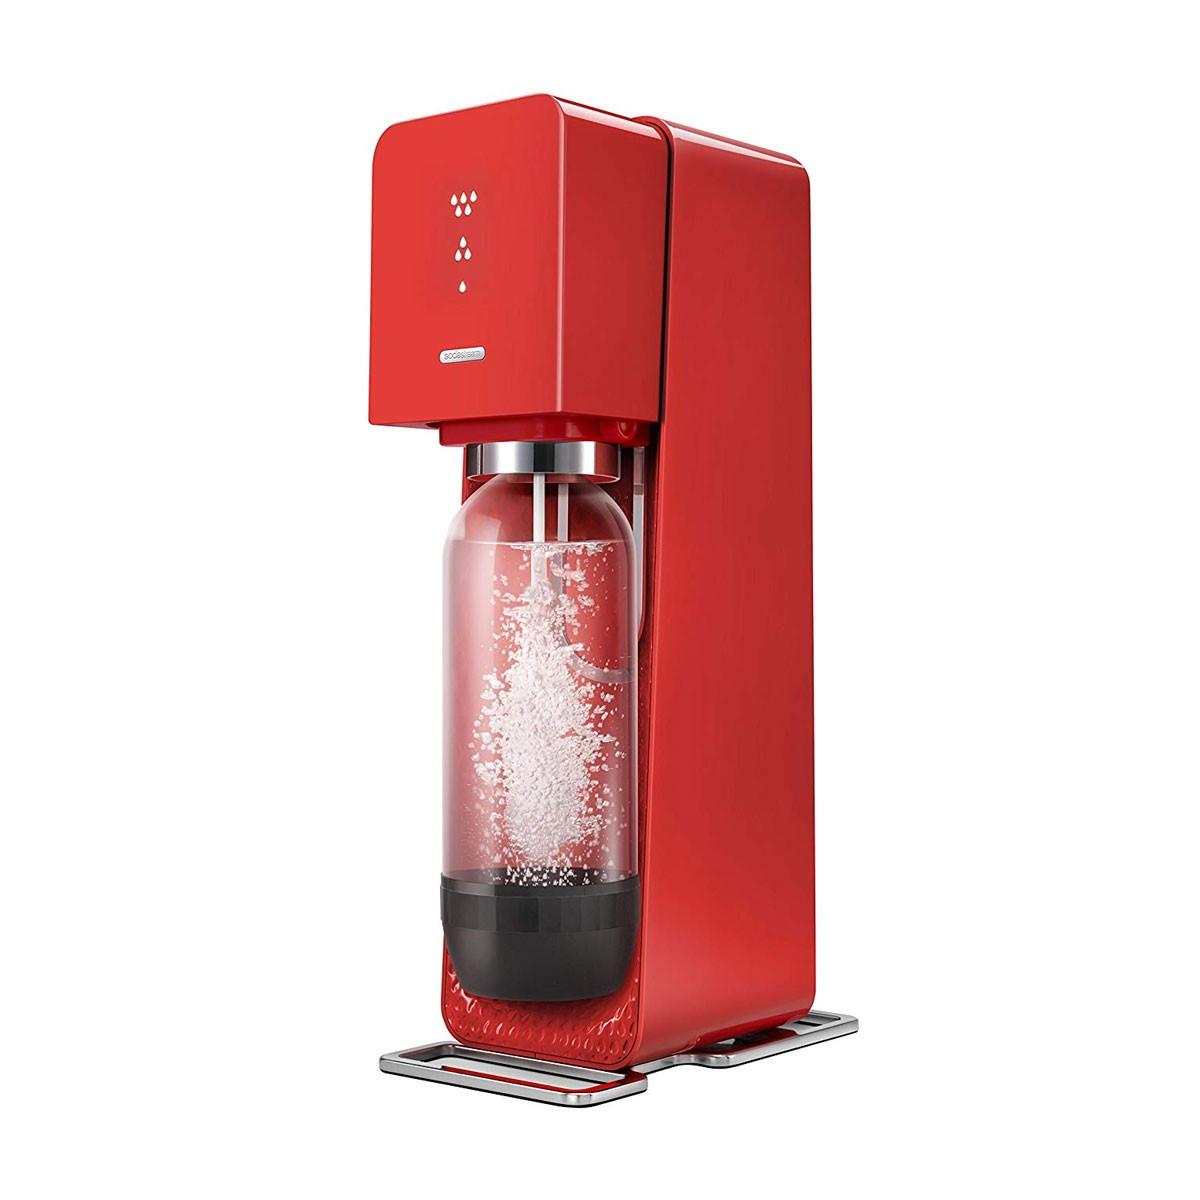 Máquina de soda Source roja